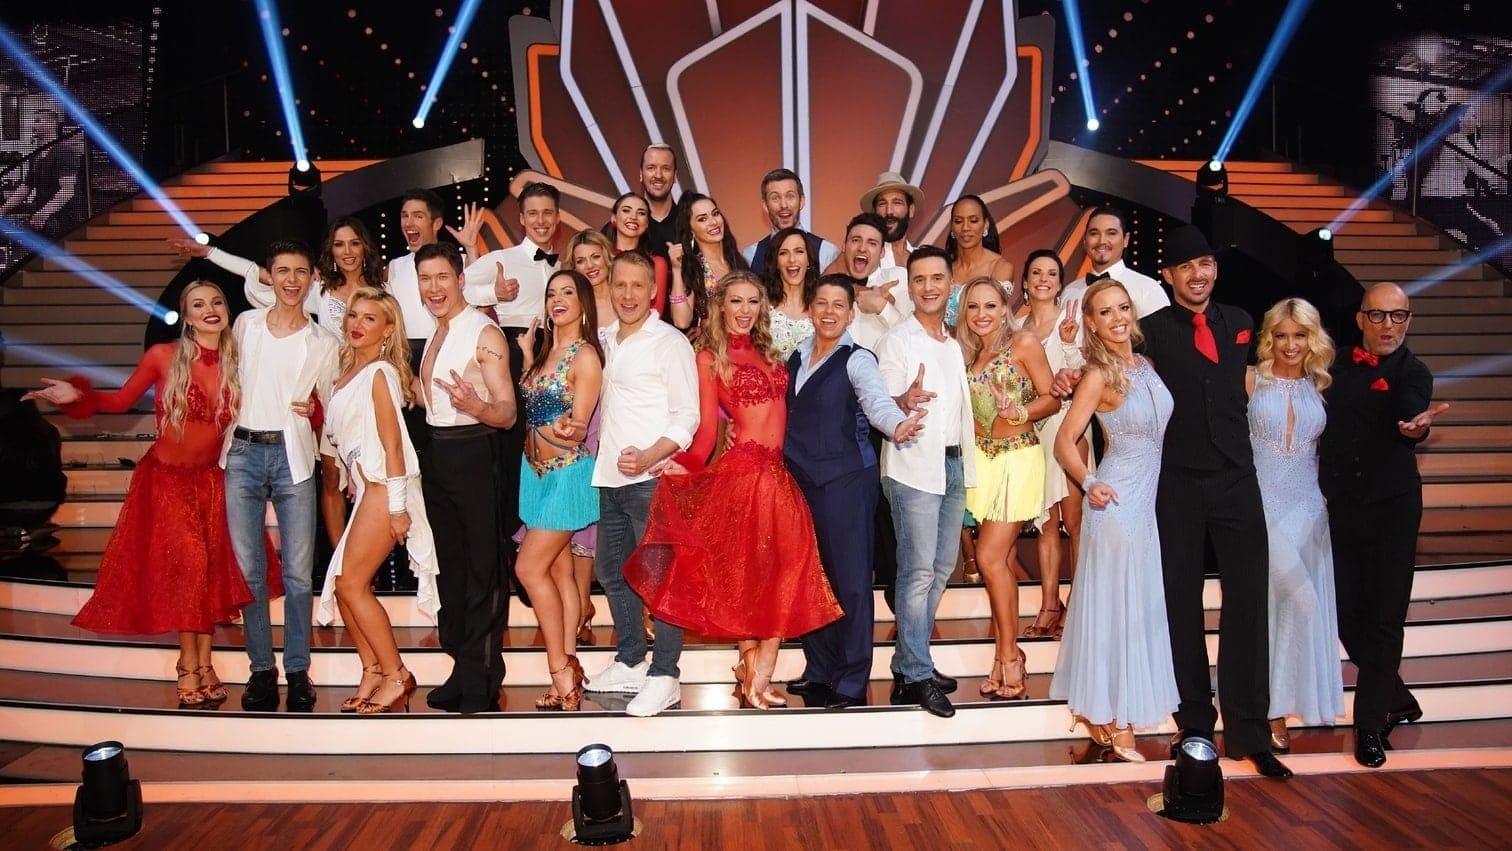 """<p>Folge für Folge muss sich in der RTL-Show """"Let's Dance"""" ein Kandidaten-Paar verabschieden. Wir zeigen euch in Bildern"""